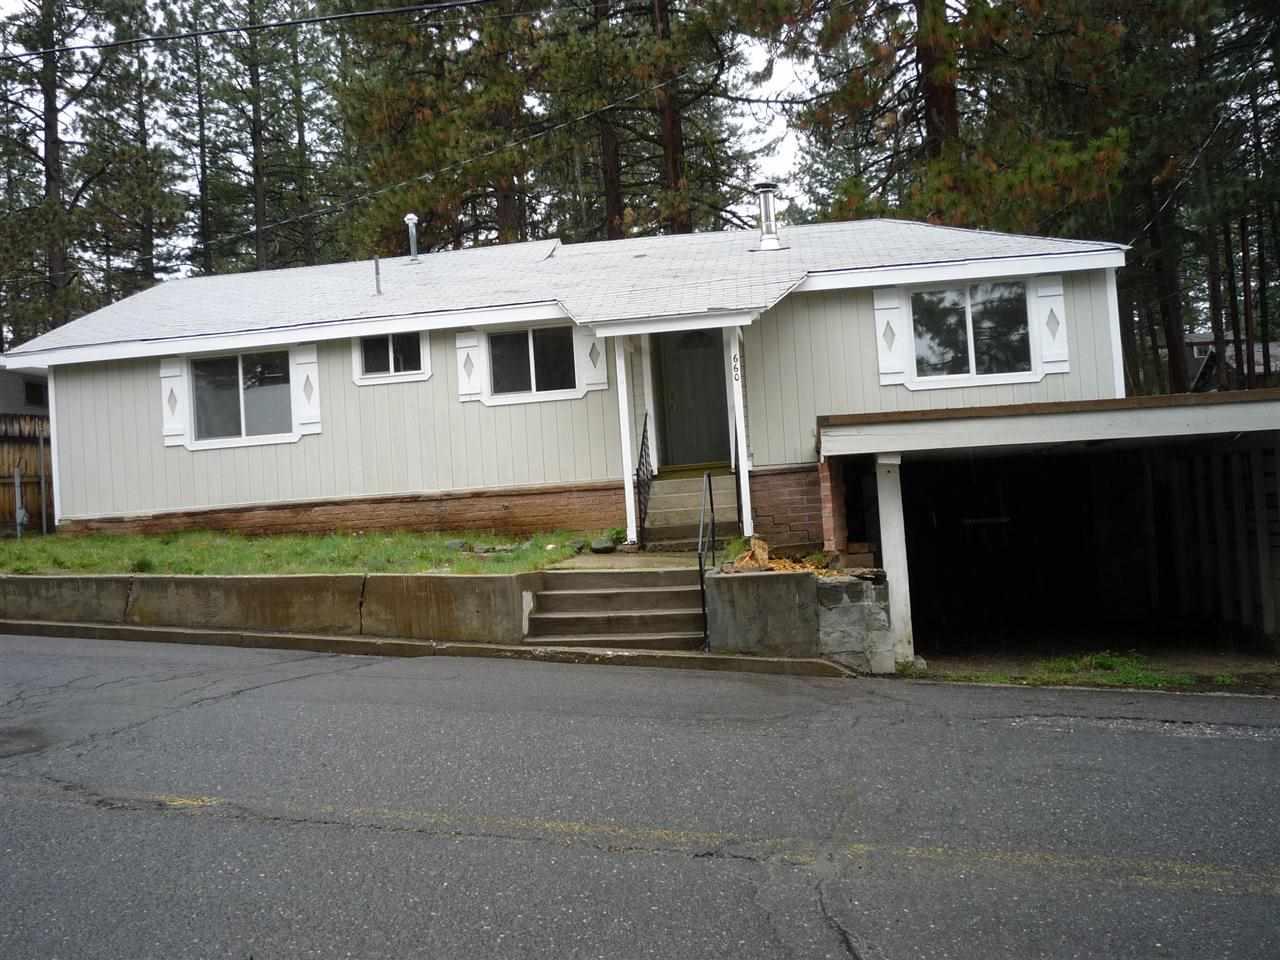 Casa Unifamiliar por un Venta en 660 Pacific Street 660 Pacific Street Portola, California 96122 Estados Unidos